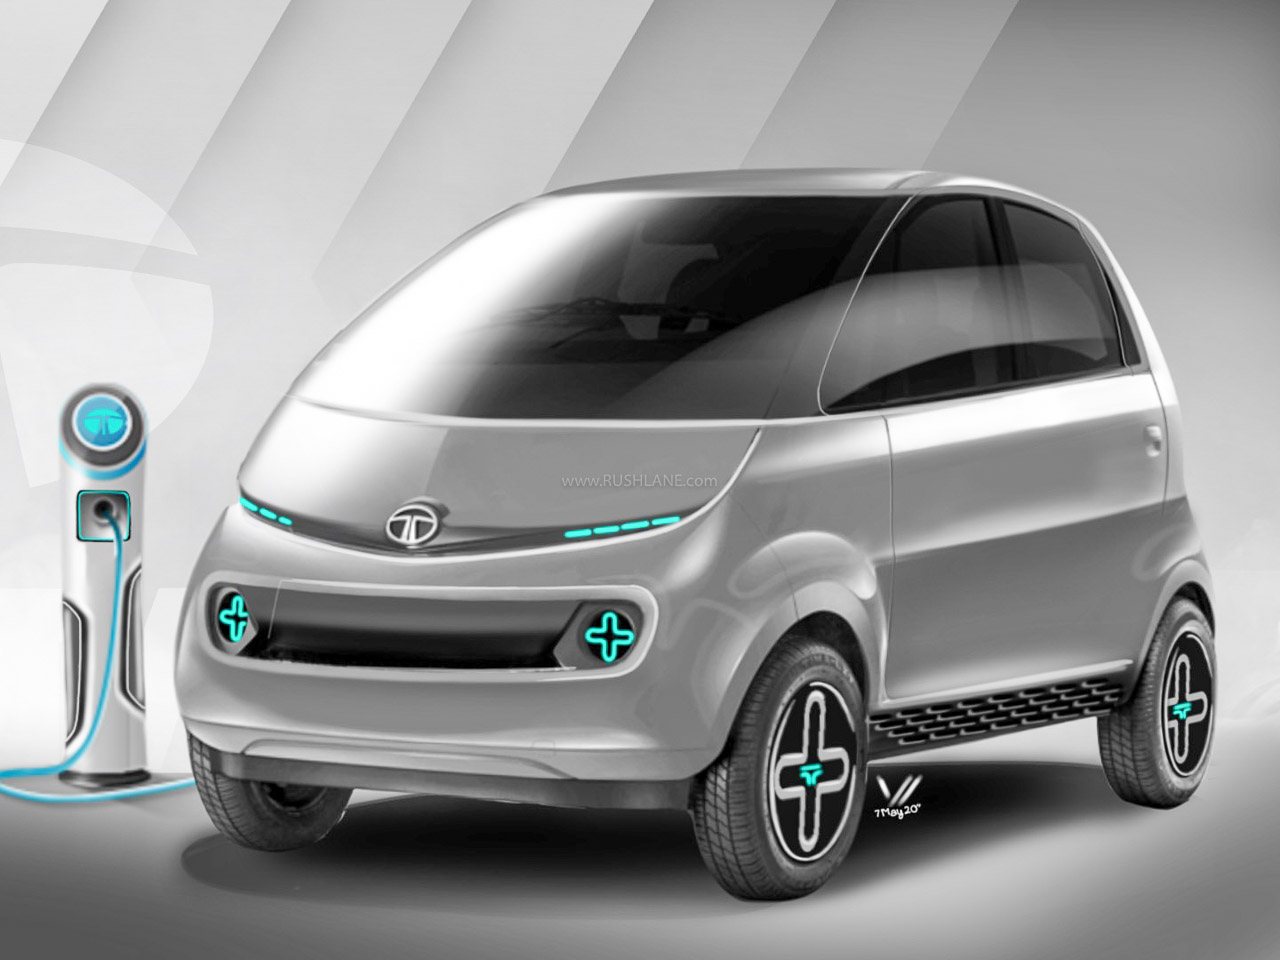 Tata Nano Electric iNano EV Concept